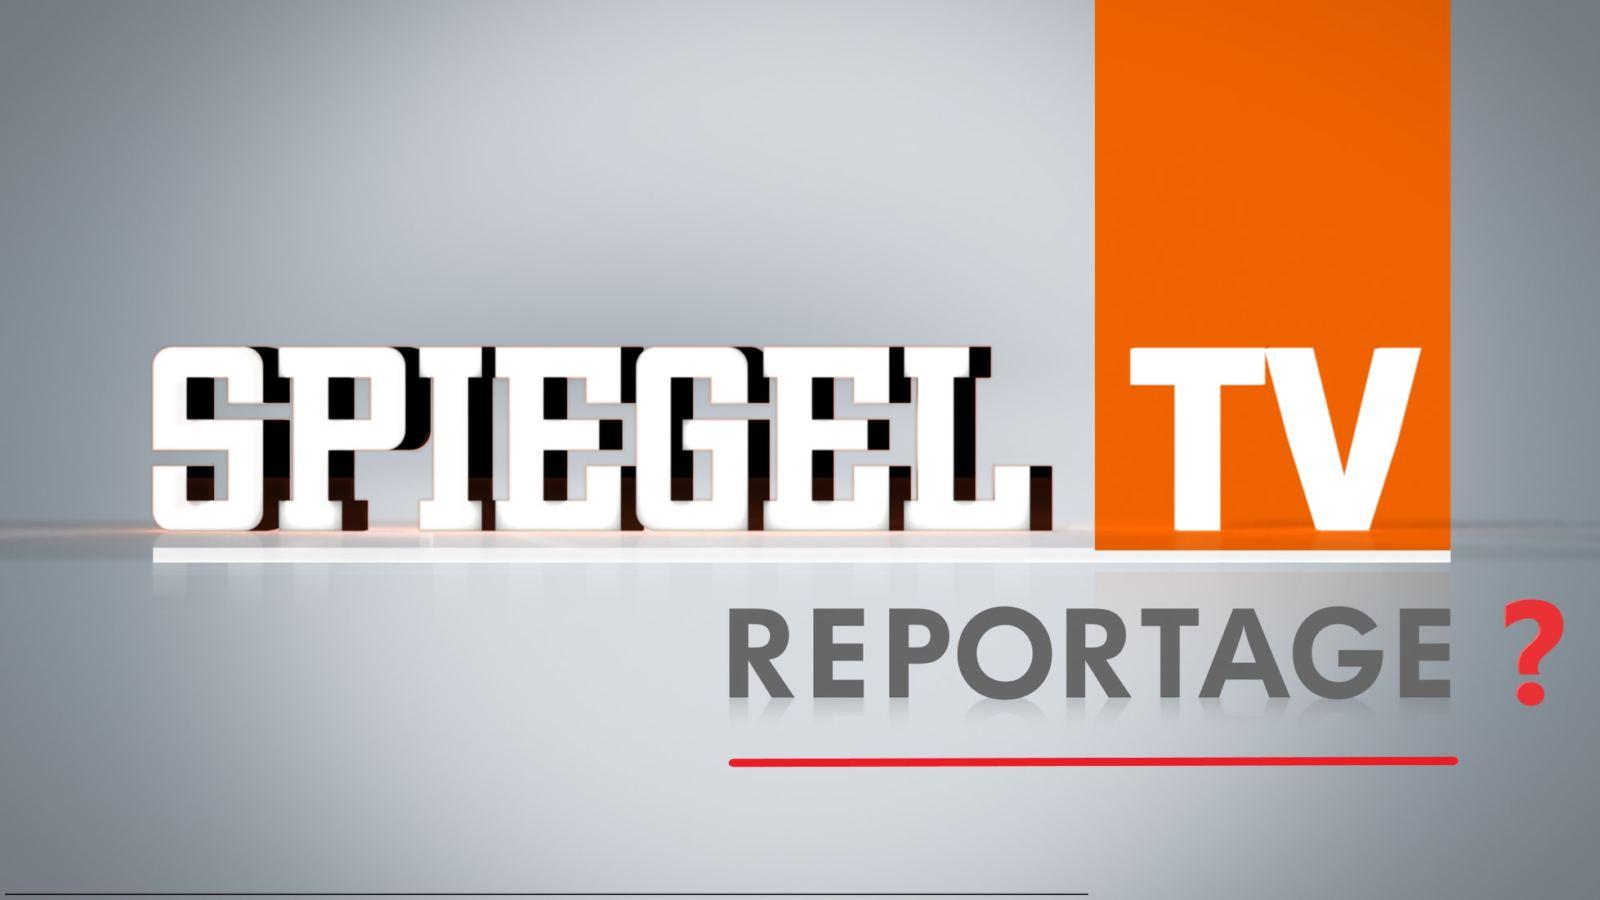 lasst-spiegel-tv-in-seinen-reportagen-schauspieler-die-gewollten-narrative-in-die-kamera-sprechen?-|-anti-spiegel